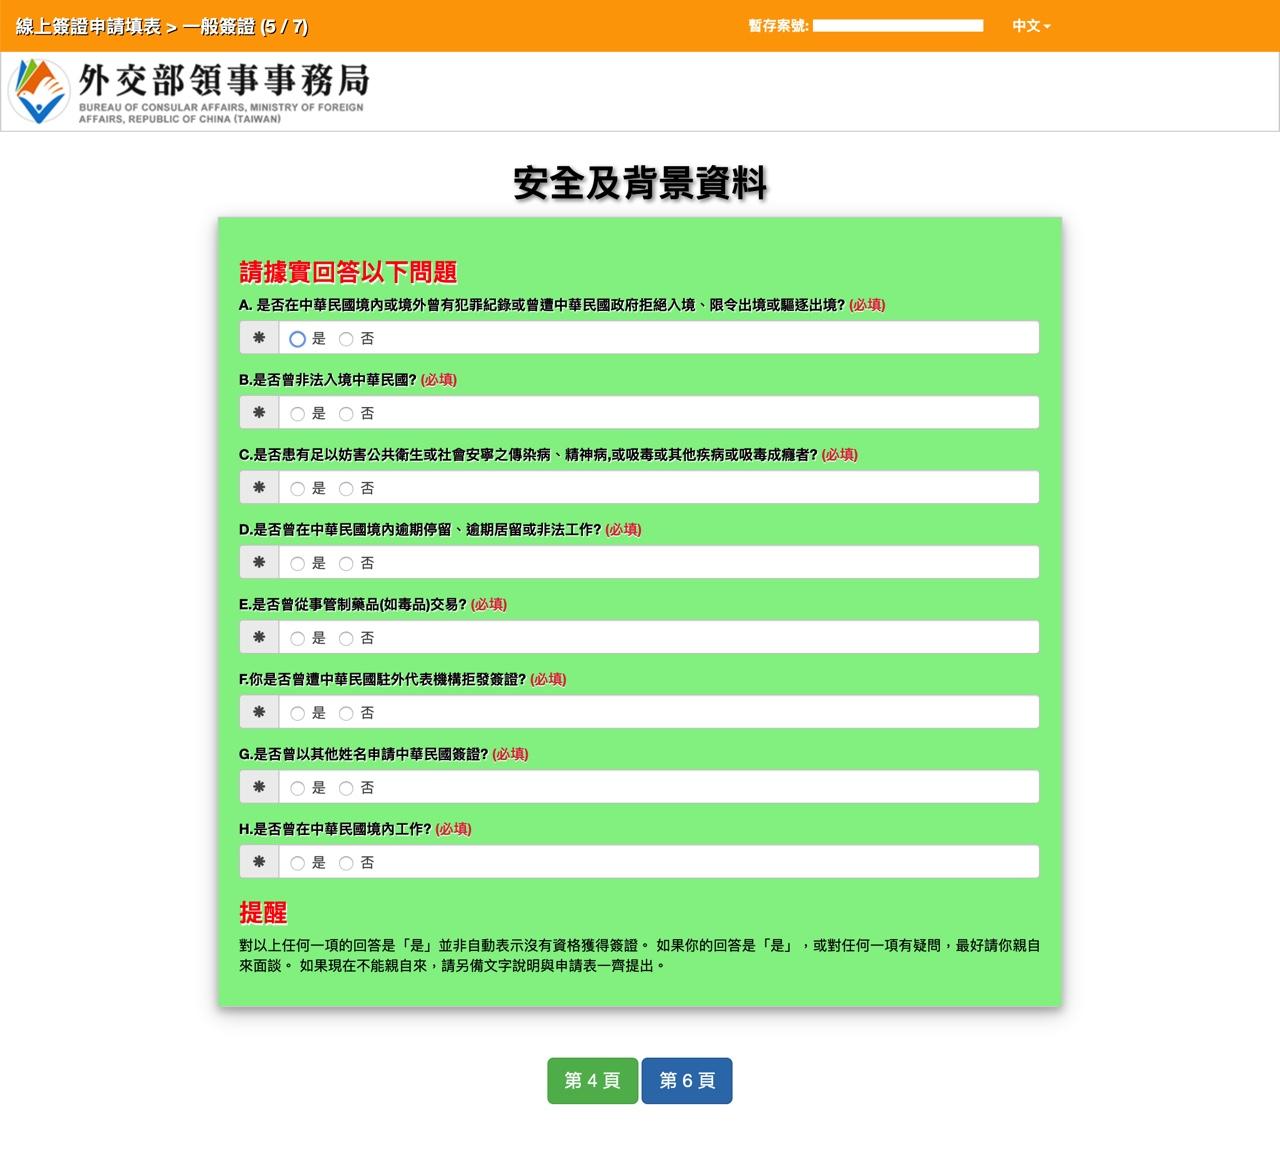 オンラインビザ申請フォーム08